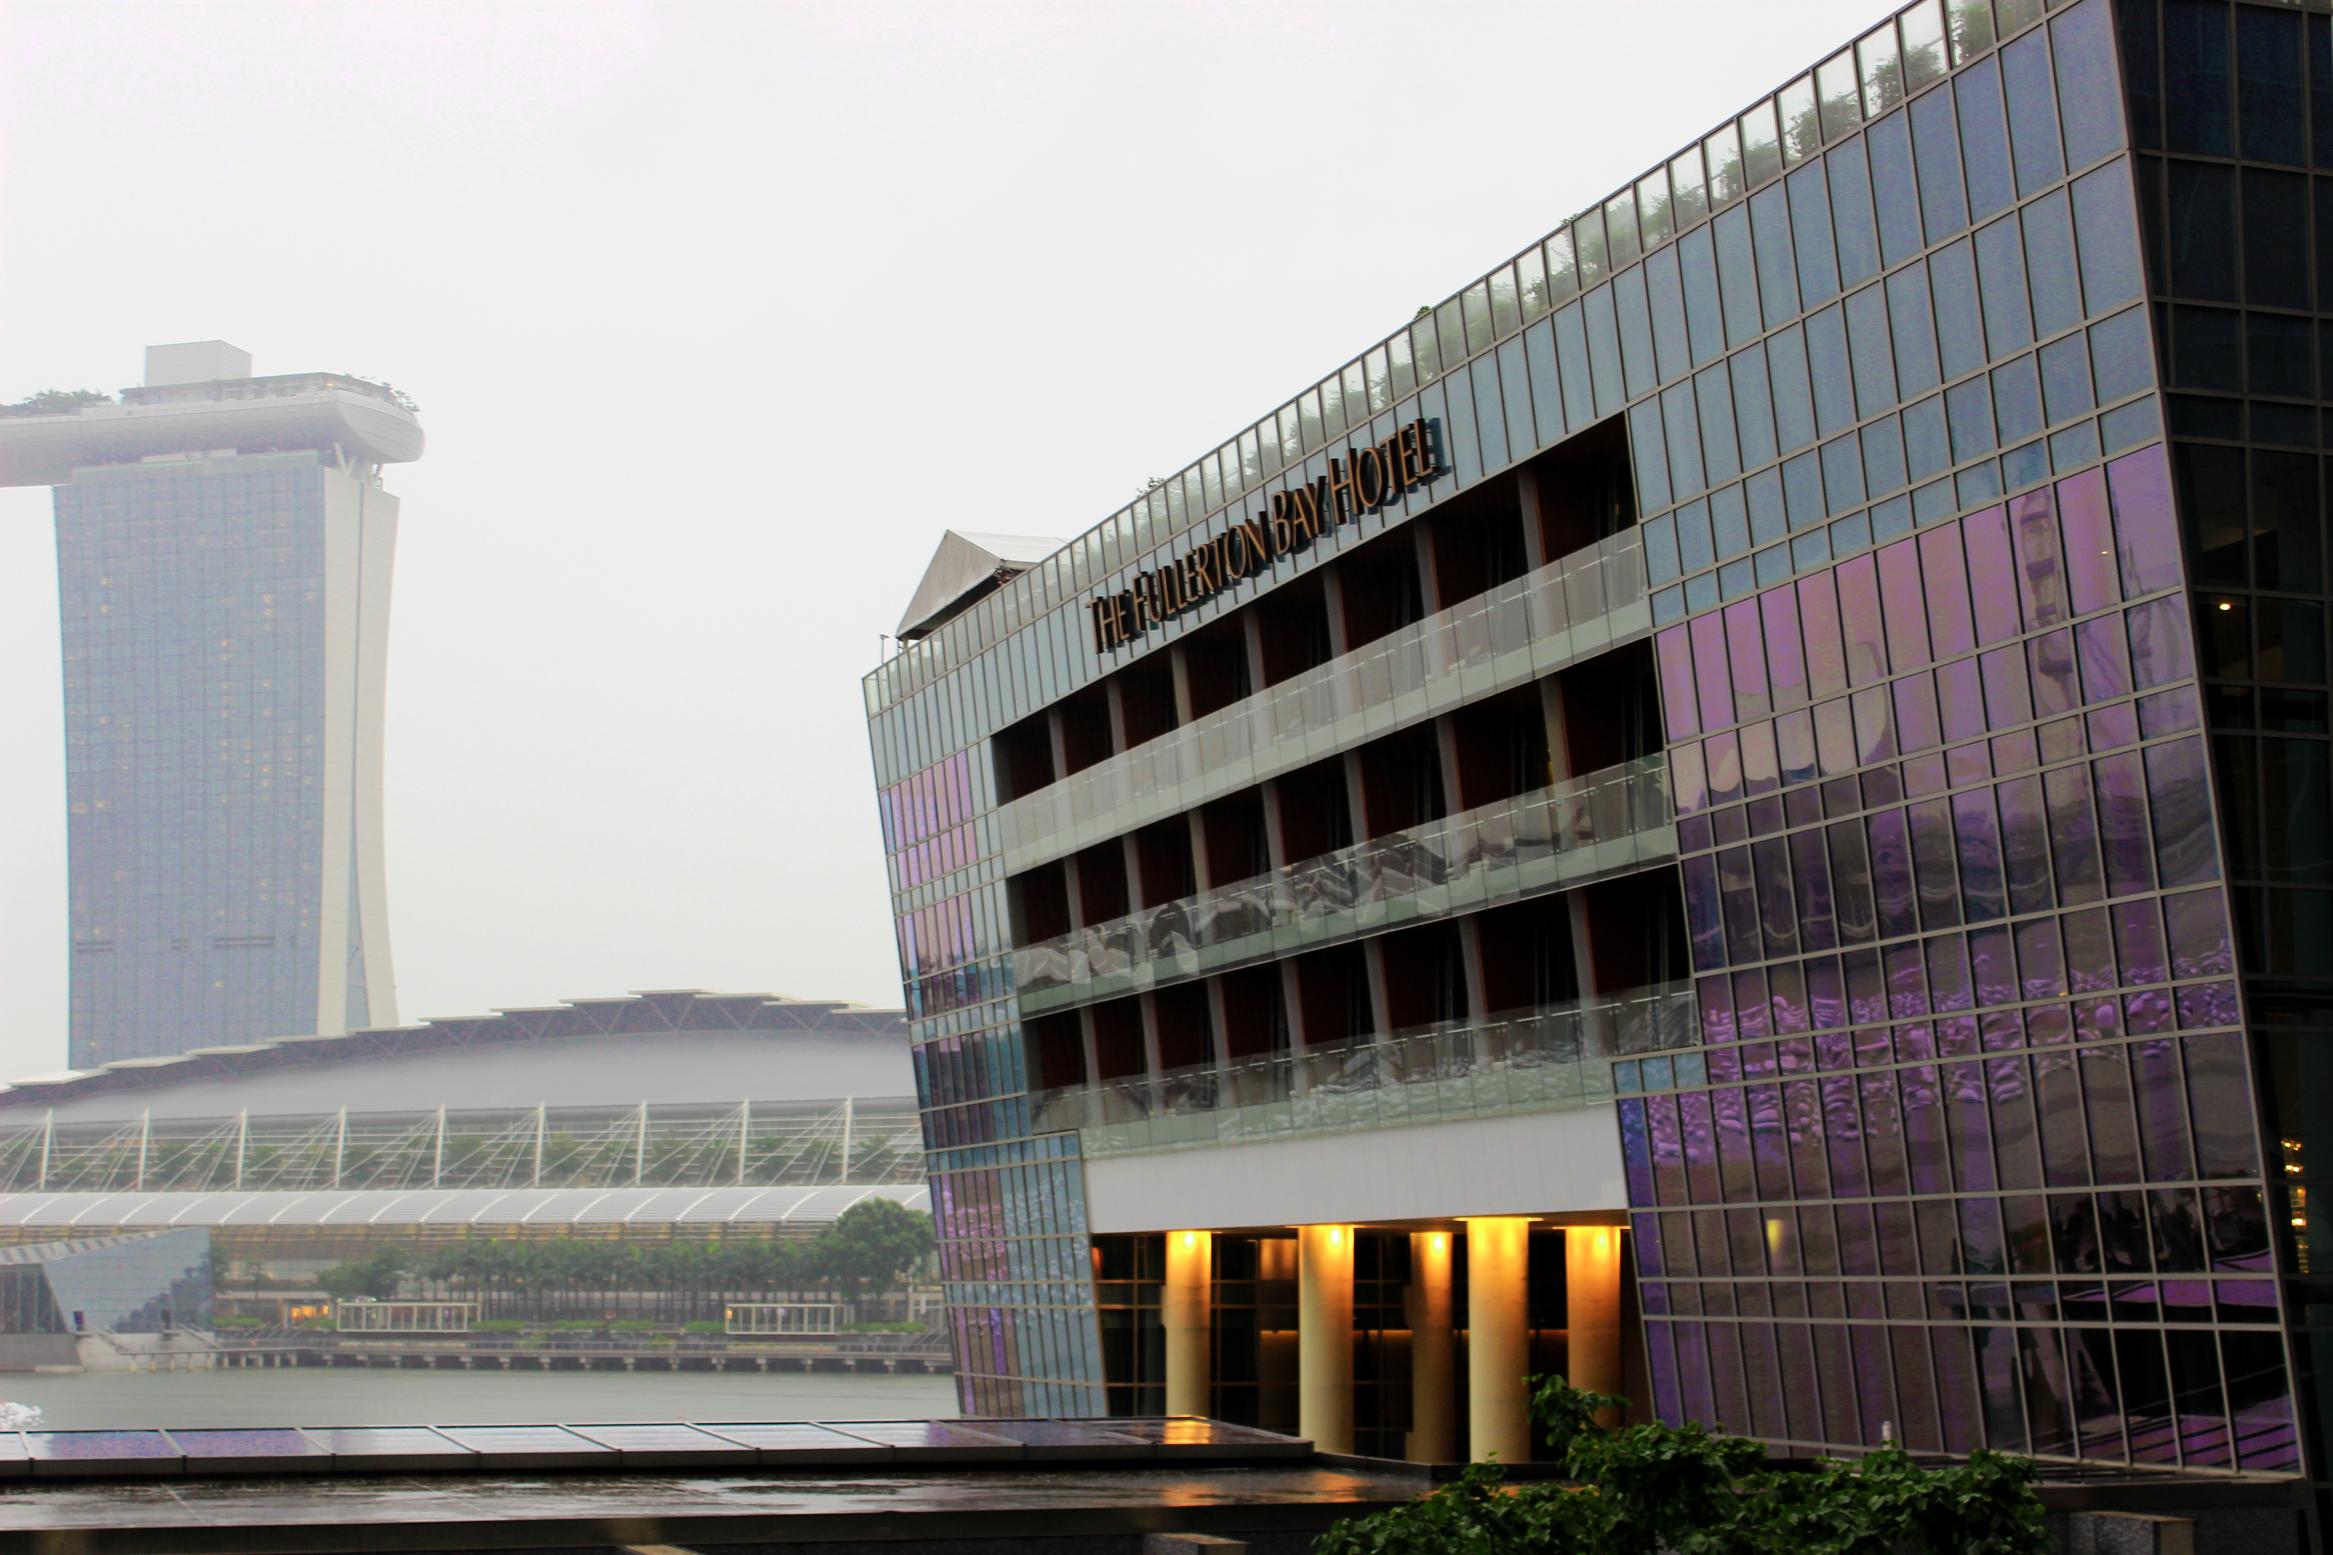 デスクトップ壁紙 コントラスト シティ 湾 夜 建築 シンガポール アジア 水 砂 建物 愛 反射 空 影 雨 写真 ホテル カメラ ガラス カジノ キヤノン 建設 ファッション 時間 ニコン 生活 大都市 ウォーターフロント マリーナ アート